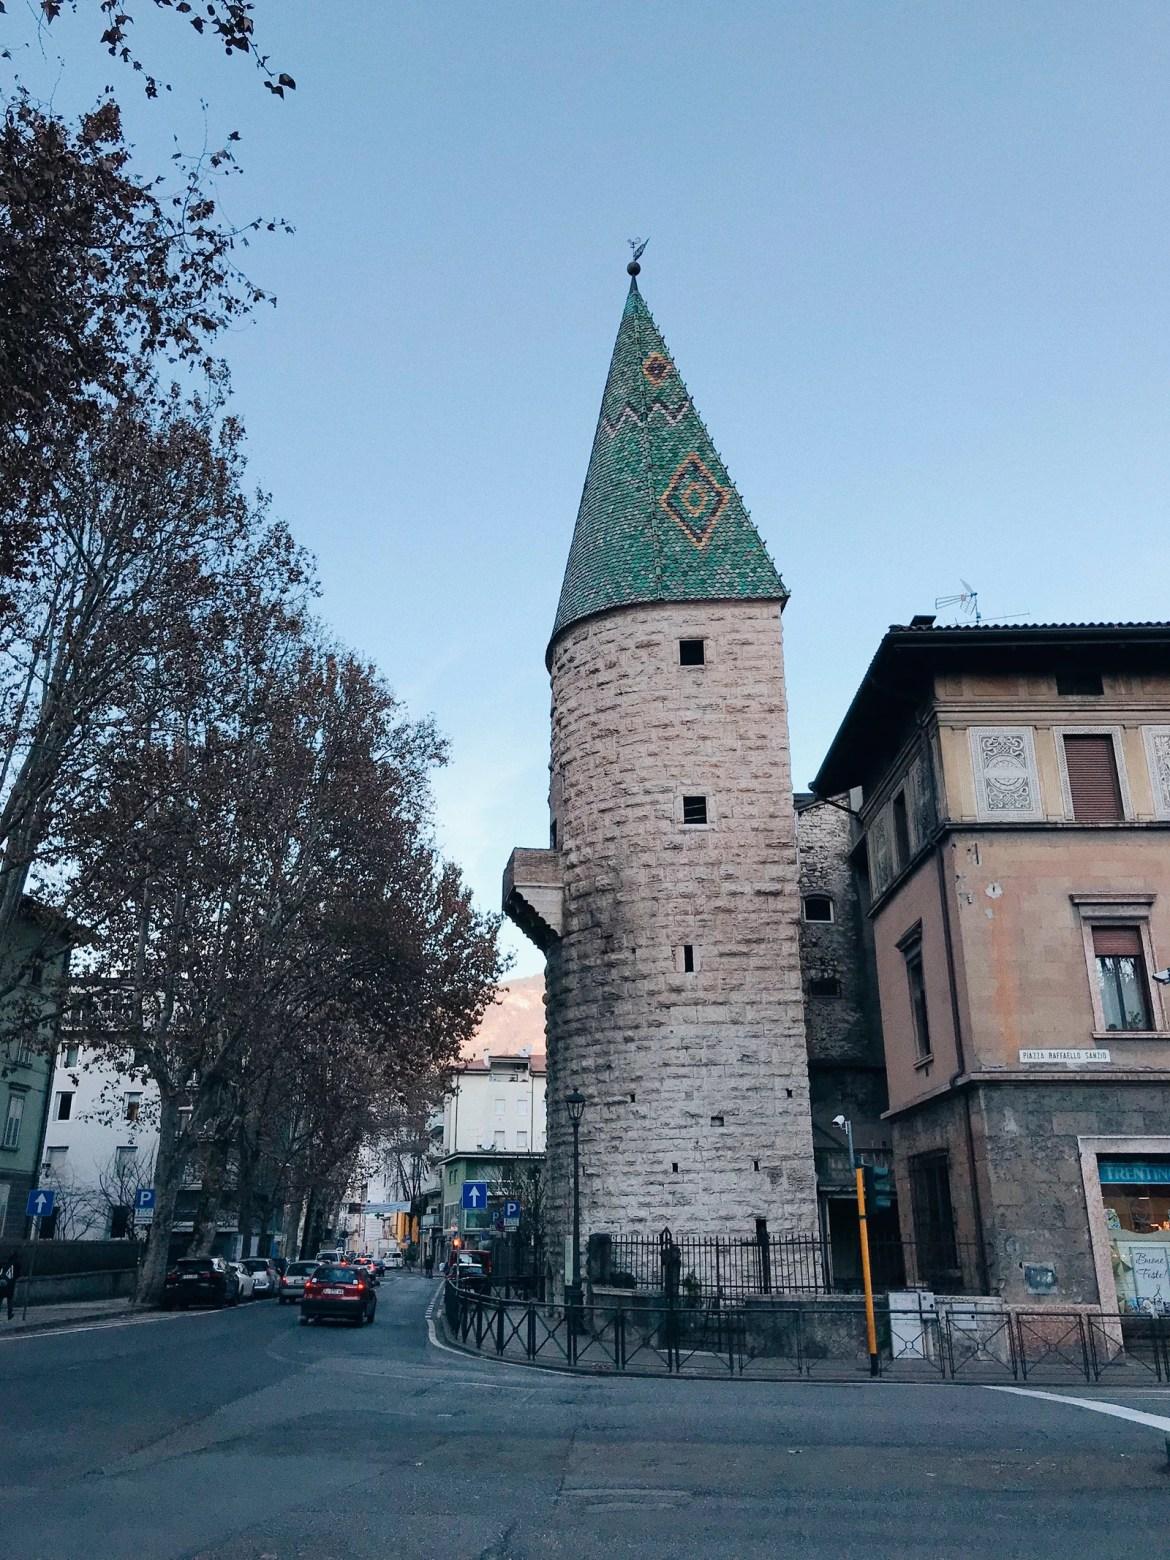 Torre em Trento